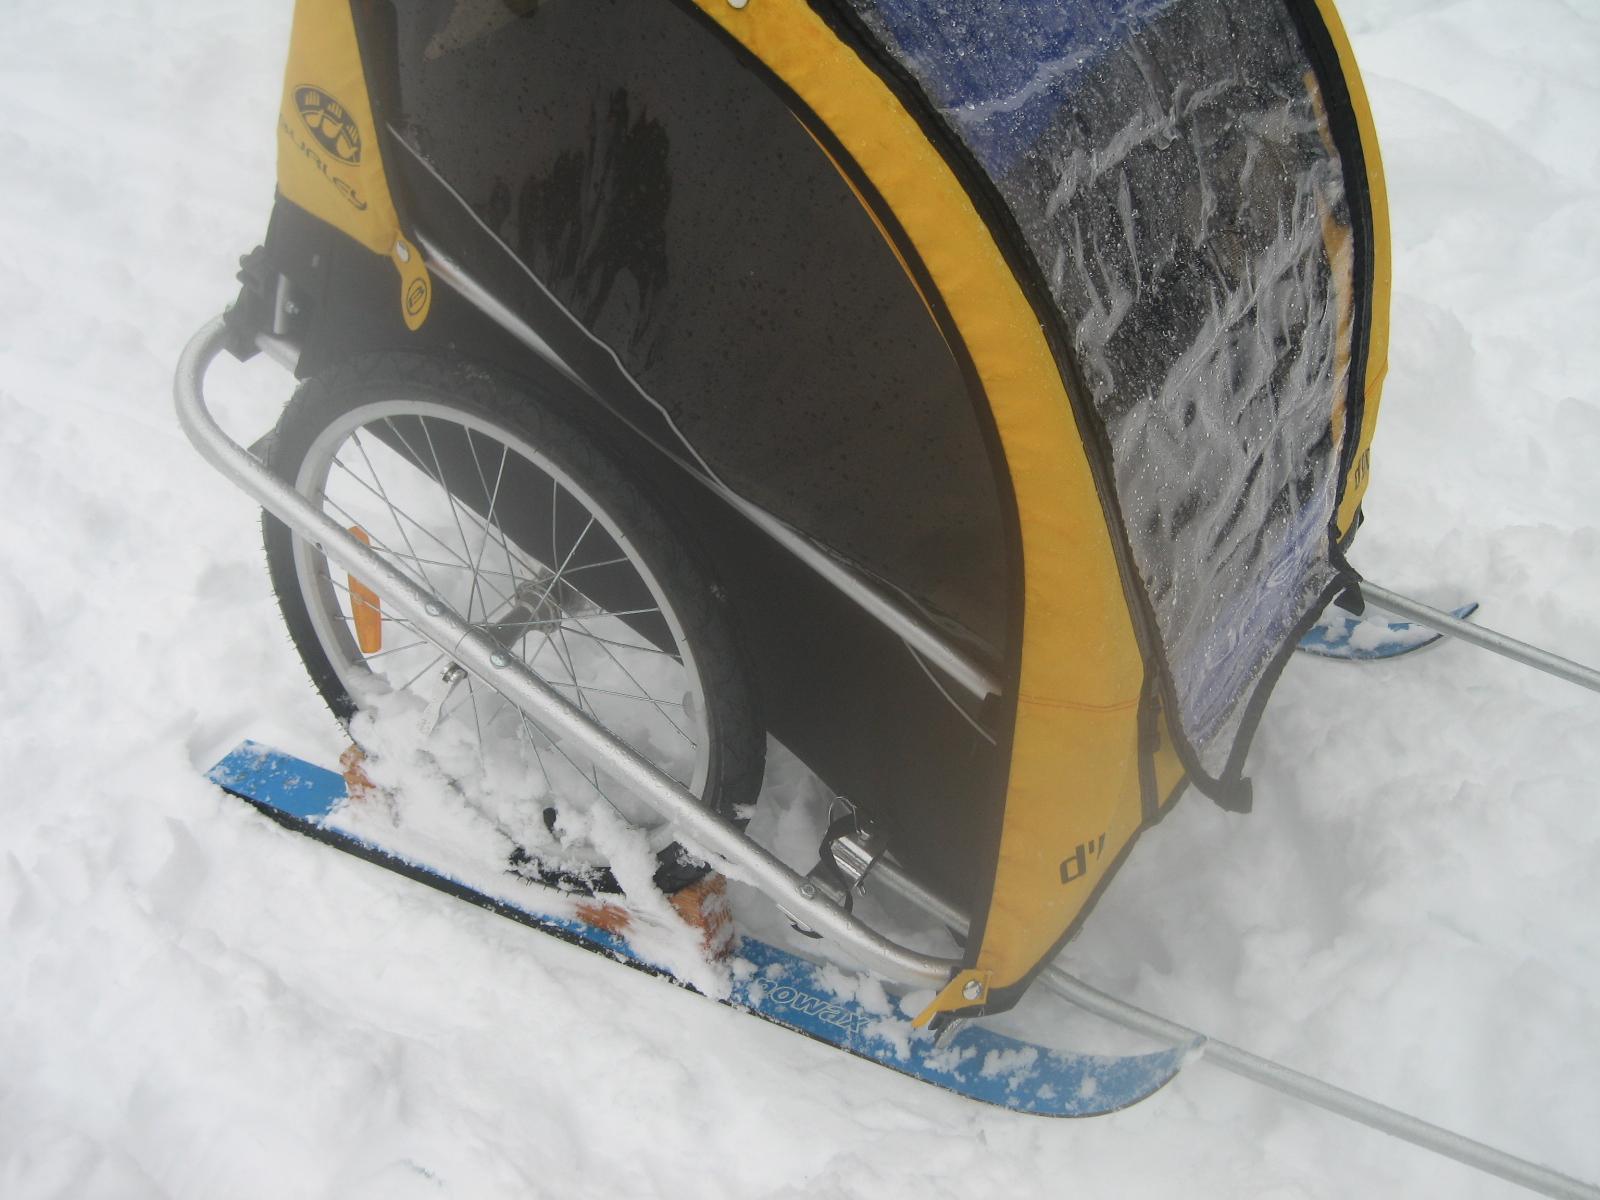 Pulk sled for child